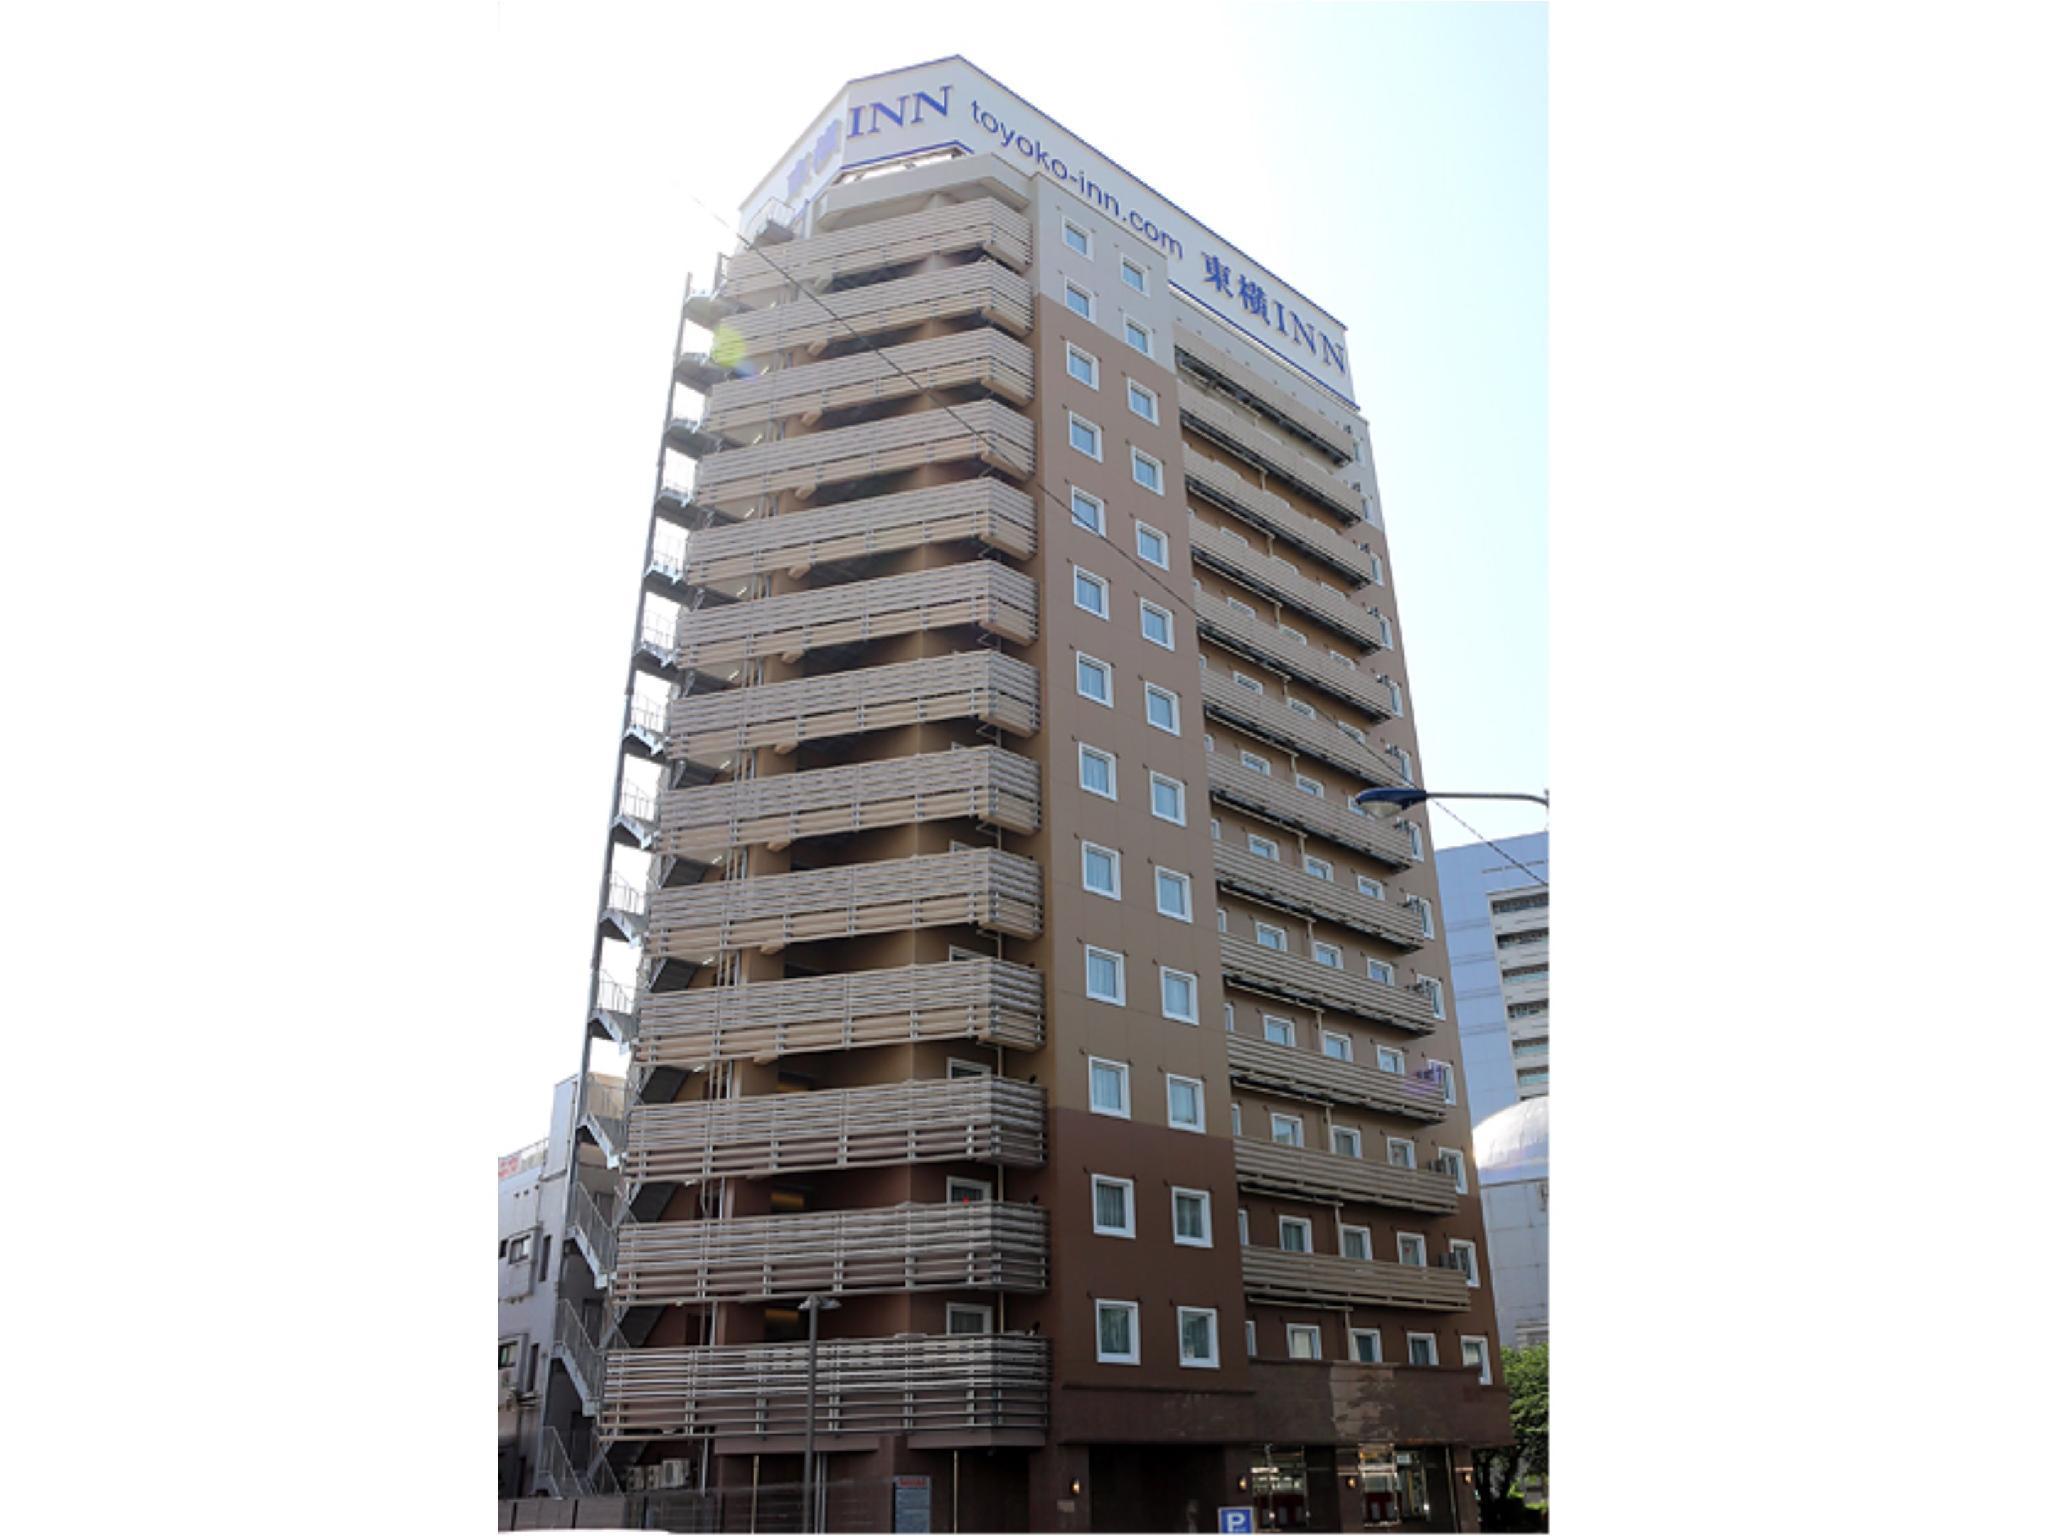 Toyoko Inn Tokyo Keihin Tohoku Sen Oji Eki Kita Guchi